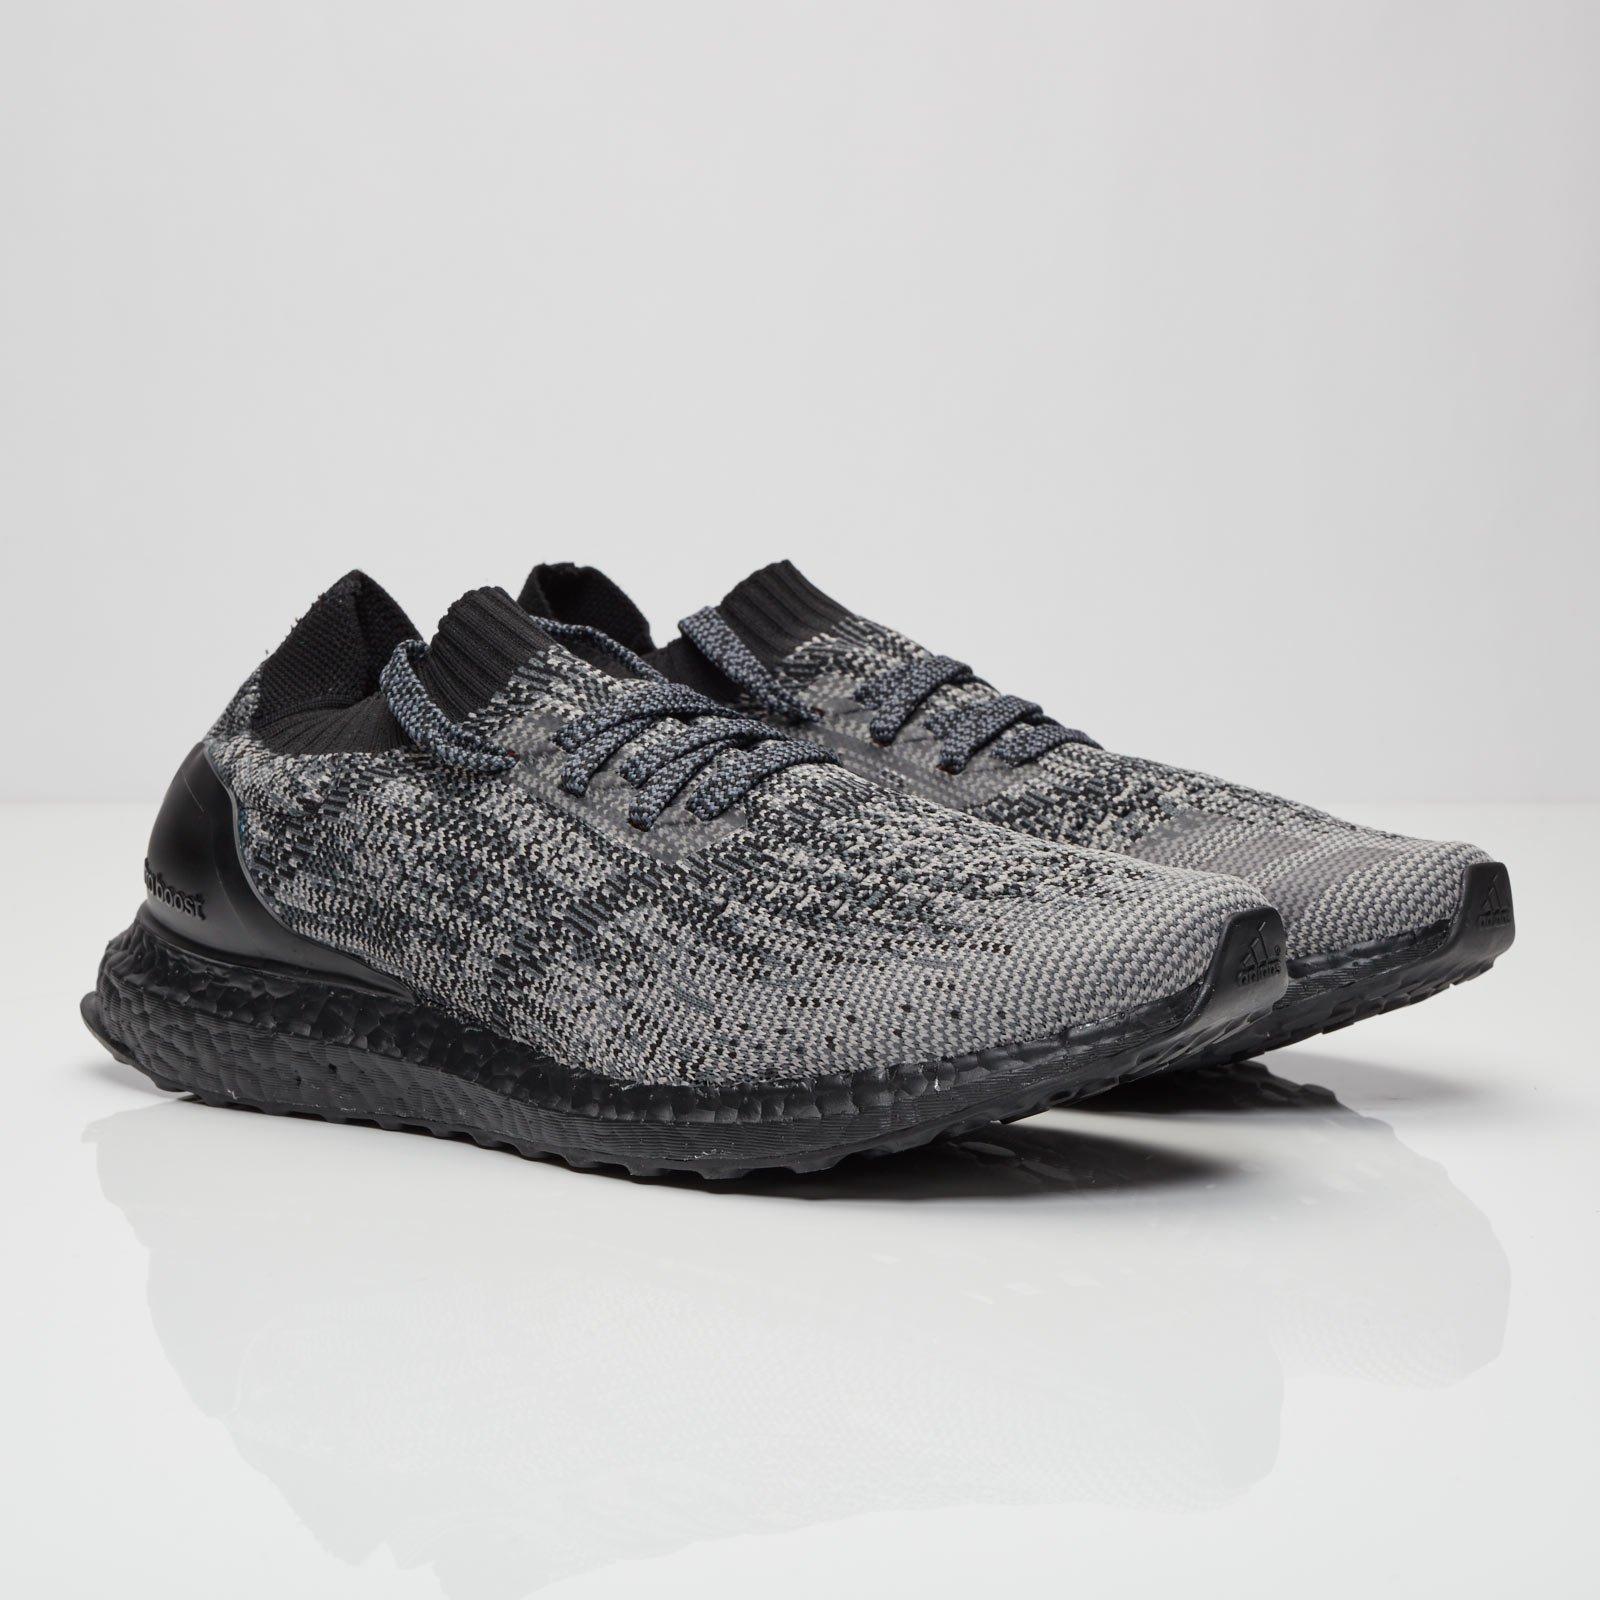 d744ec19314f6 adidas Ultraboost Uncaged Ltd - Bb4679 - Sneakersnstuff